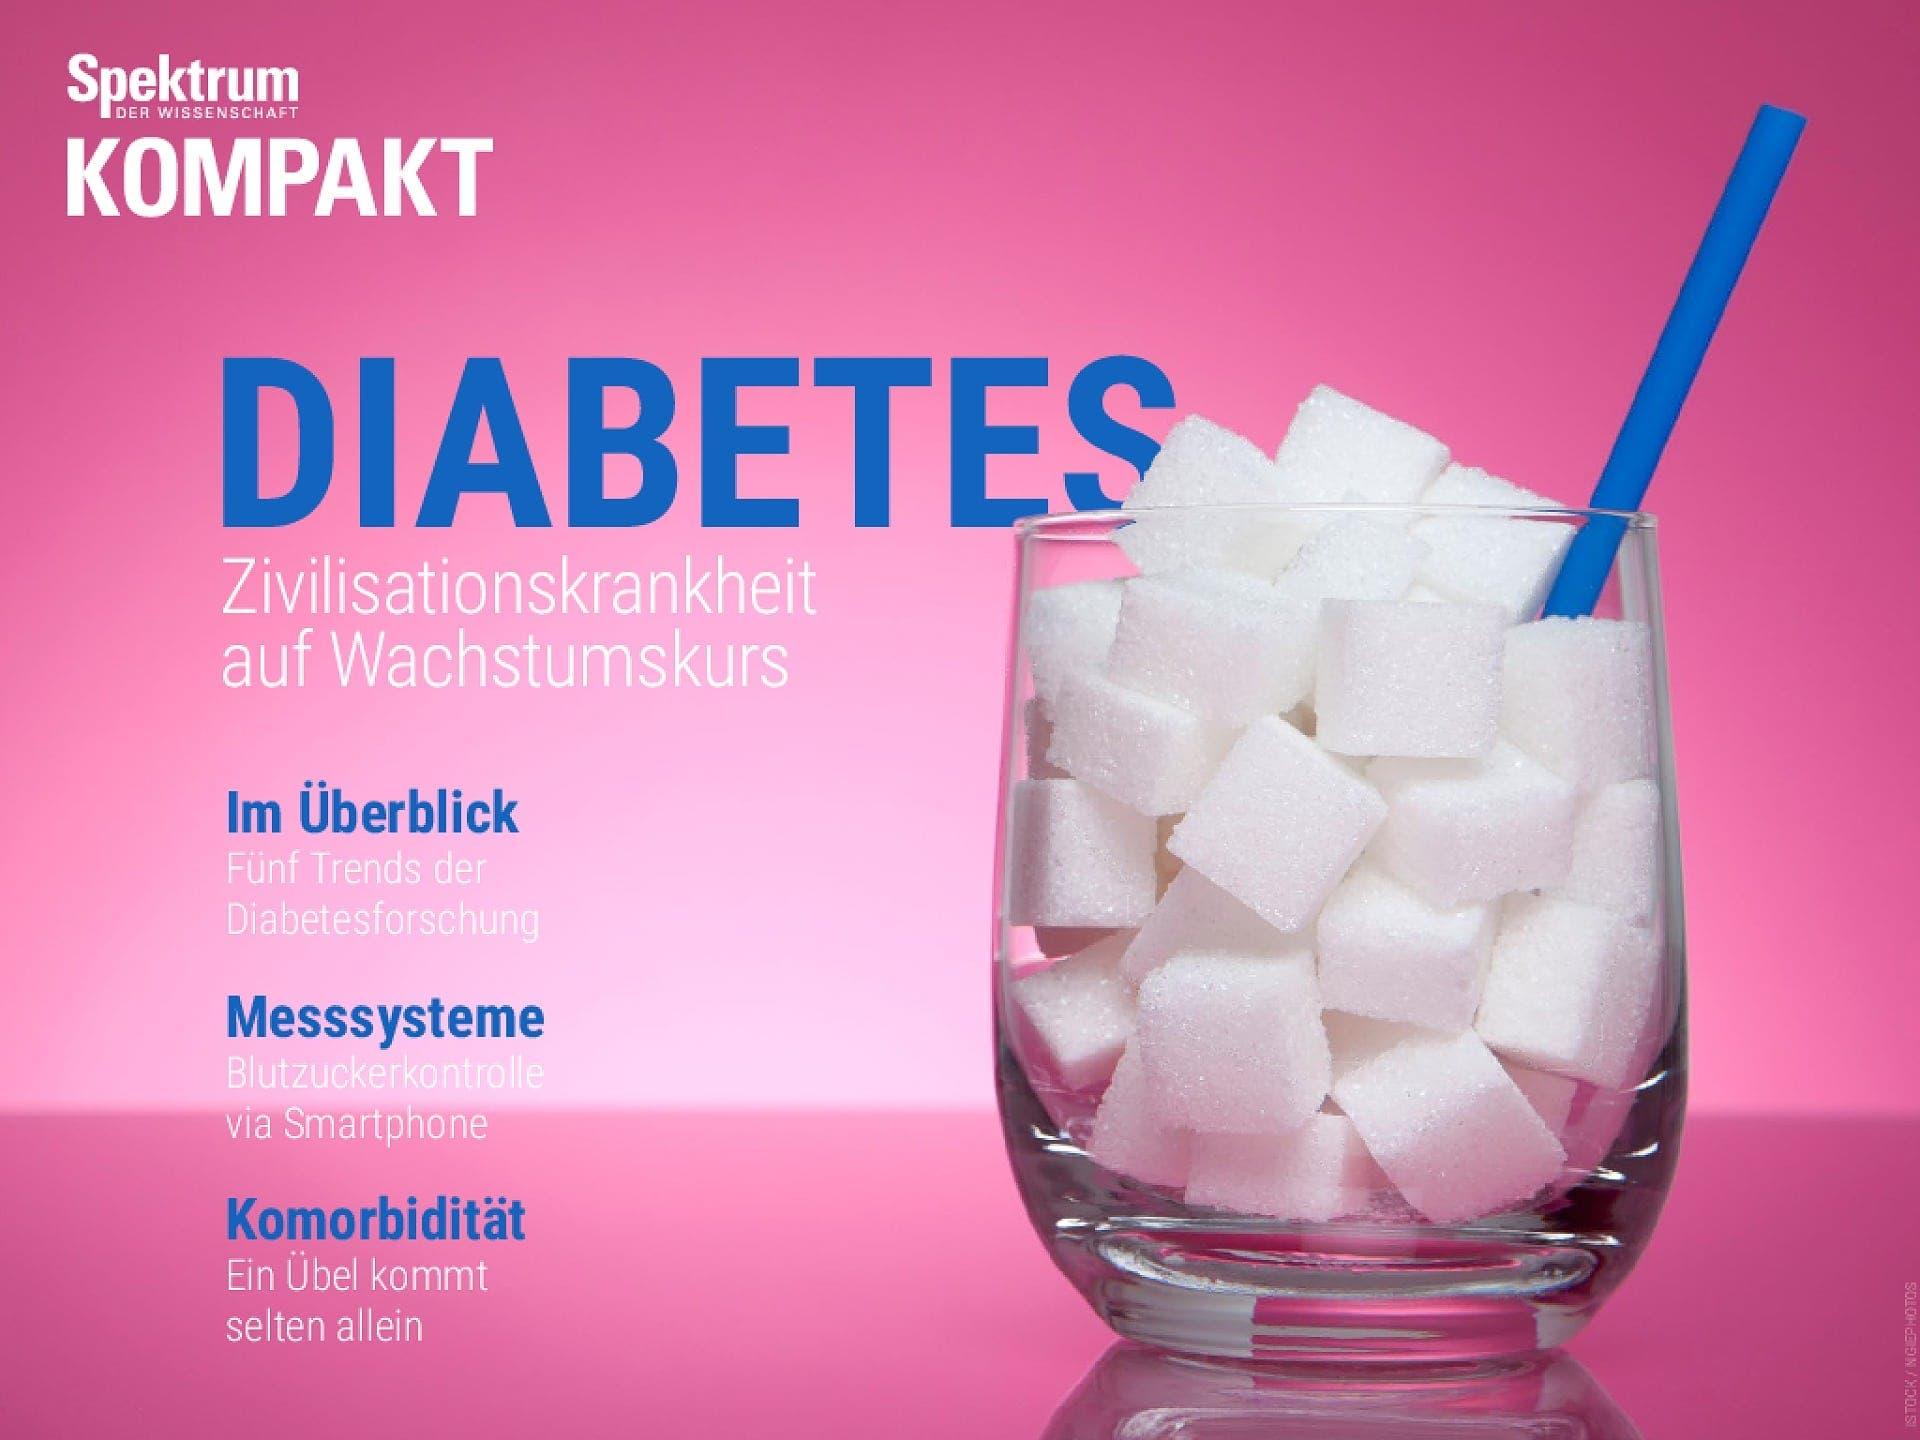 Diabetes - Zivilisationskrankheit auf Wachstumskurs